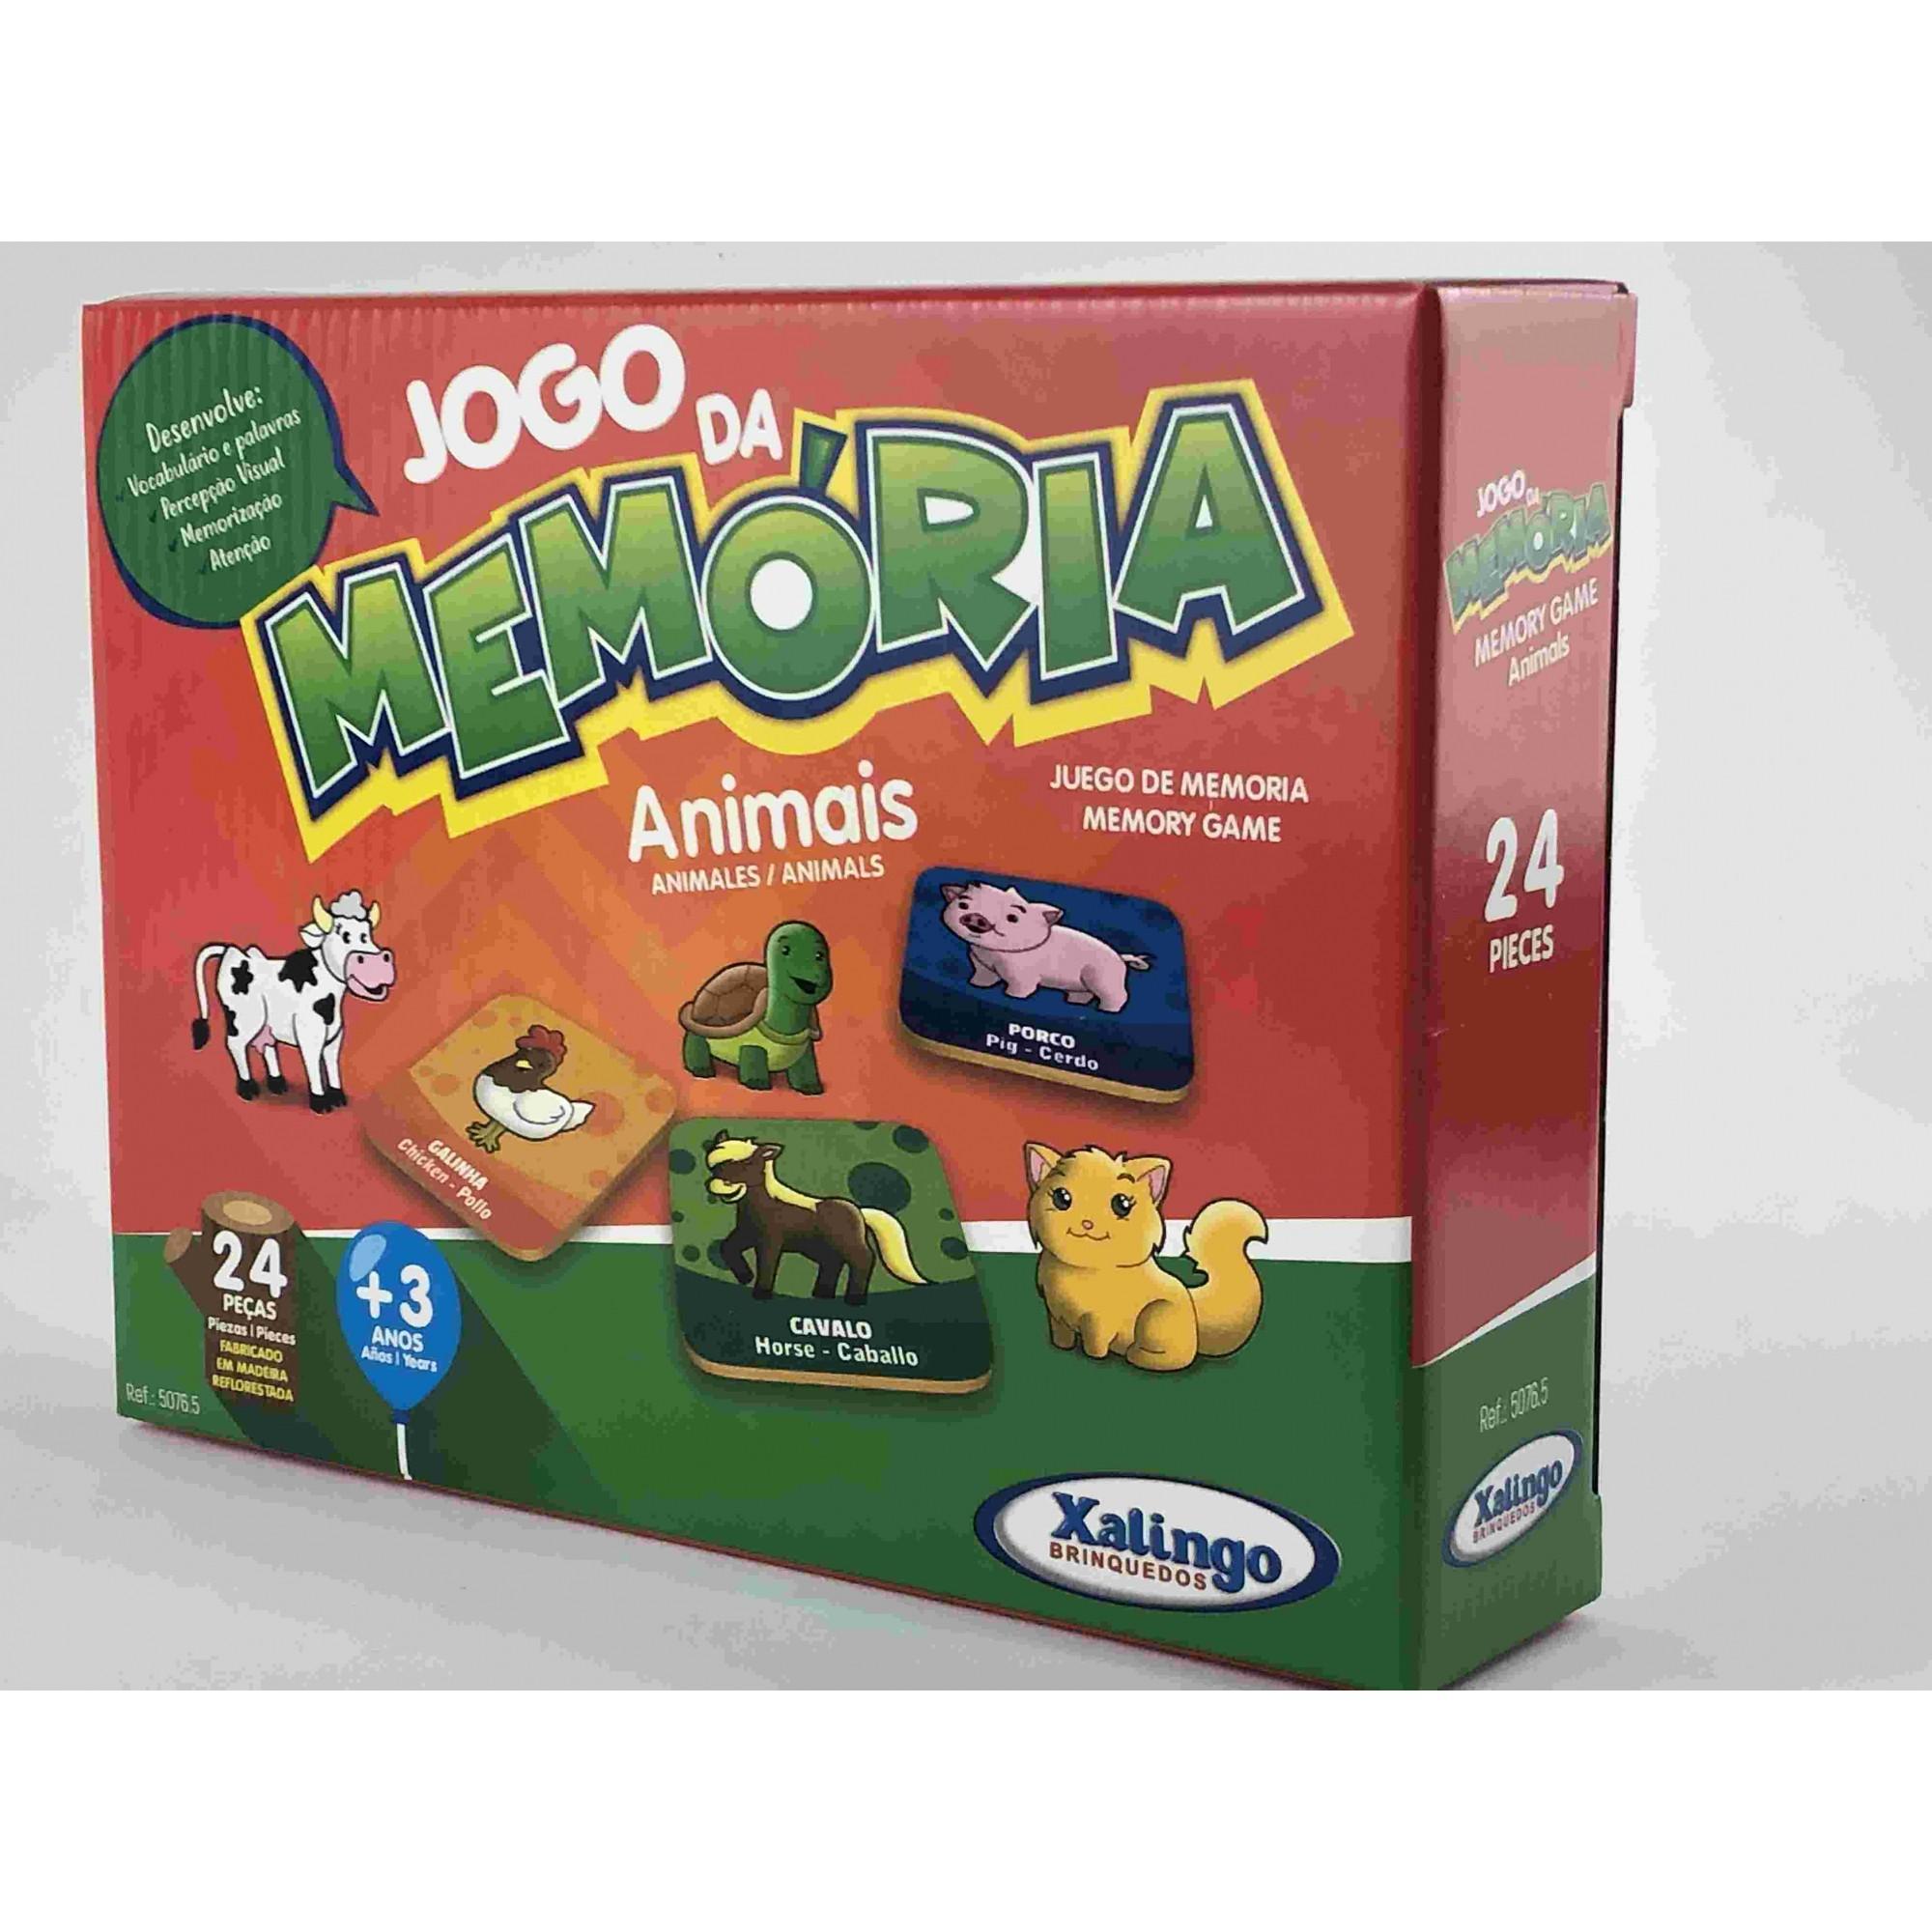 JOGO DA MEMÓRIA TEMA ANIMAIS - PEÇAS EM MADEIRA - 24 PEÇAS